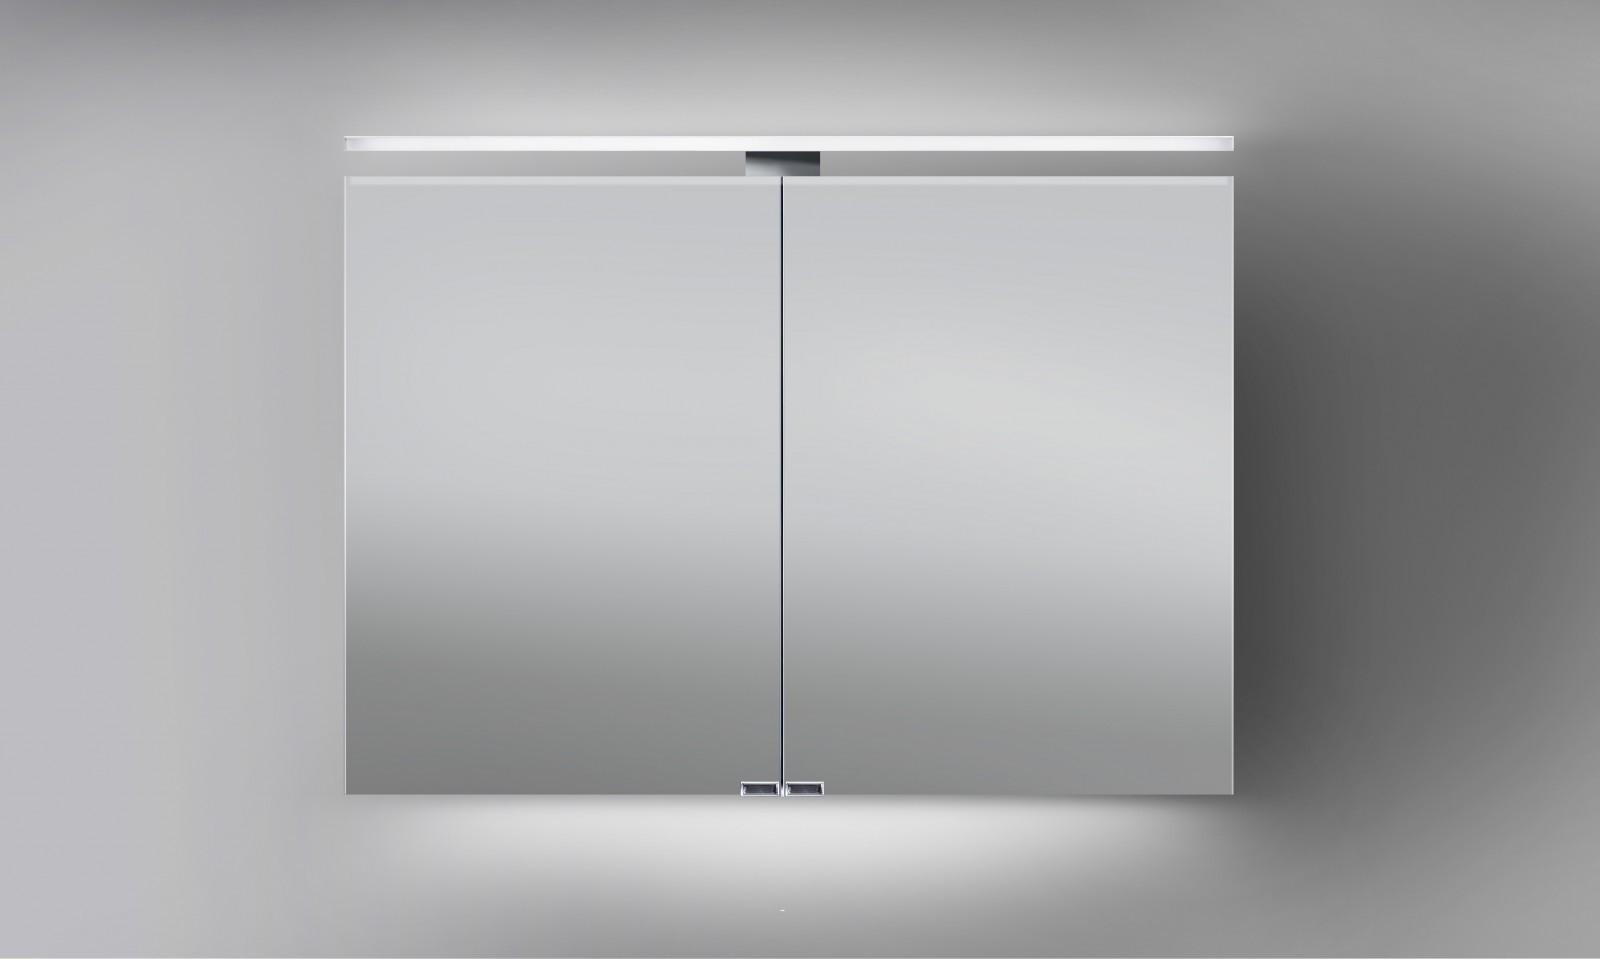 spiegelschrank mit beleuchtung 100 cm breit hause dekoration ideen. Black Bedroom Furniture Sets. Home Design Ideas